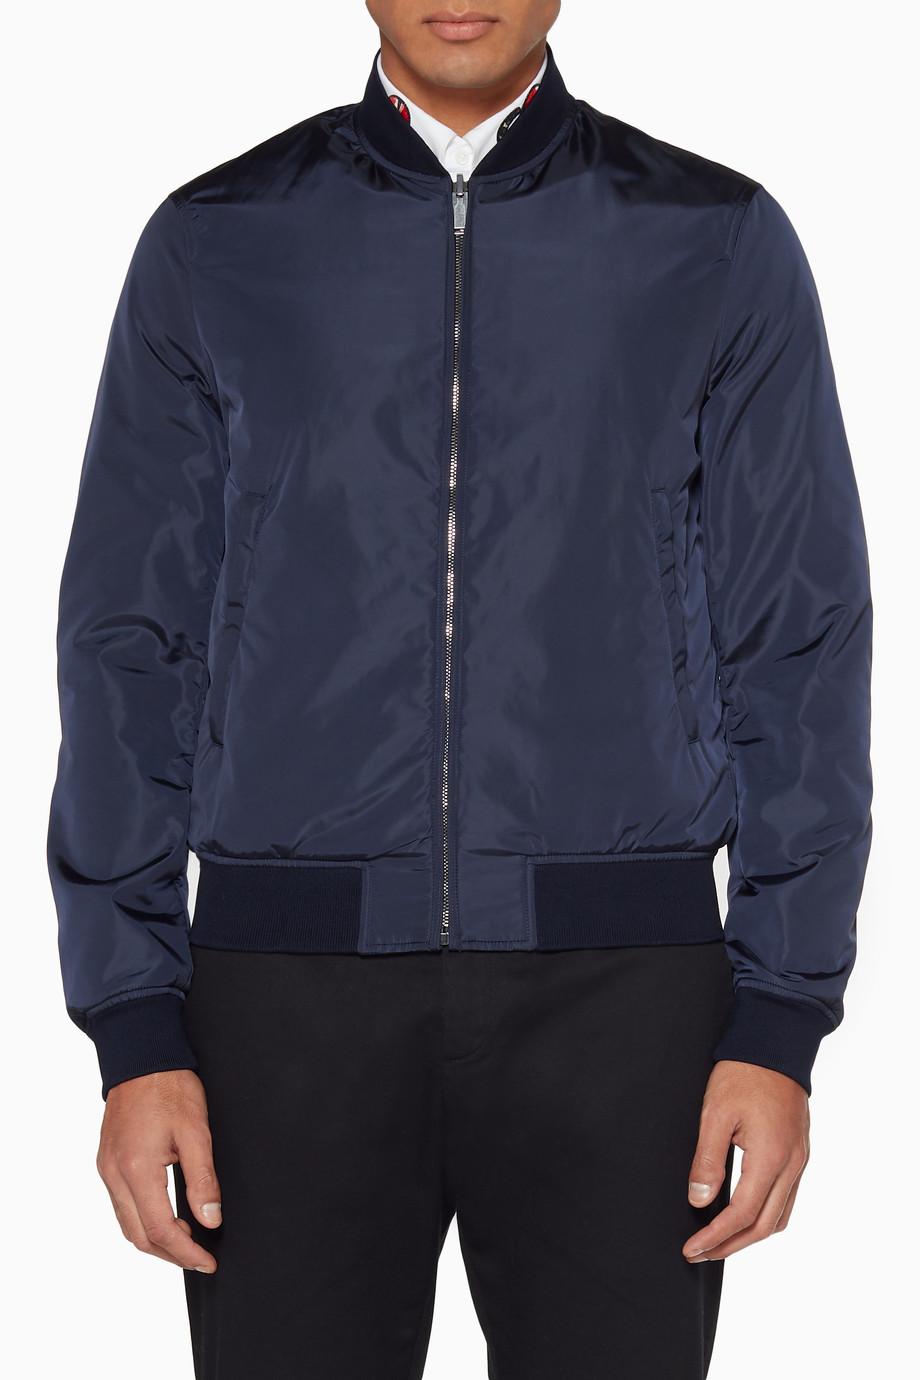 4bc59e069dec Shop Gucci Black Navy Reversible GG Jacquard Nylon Bomber Jacket for ...